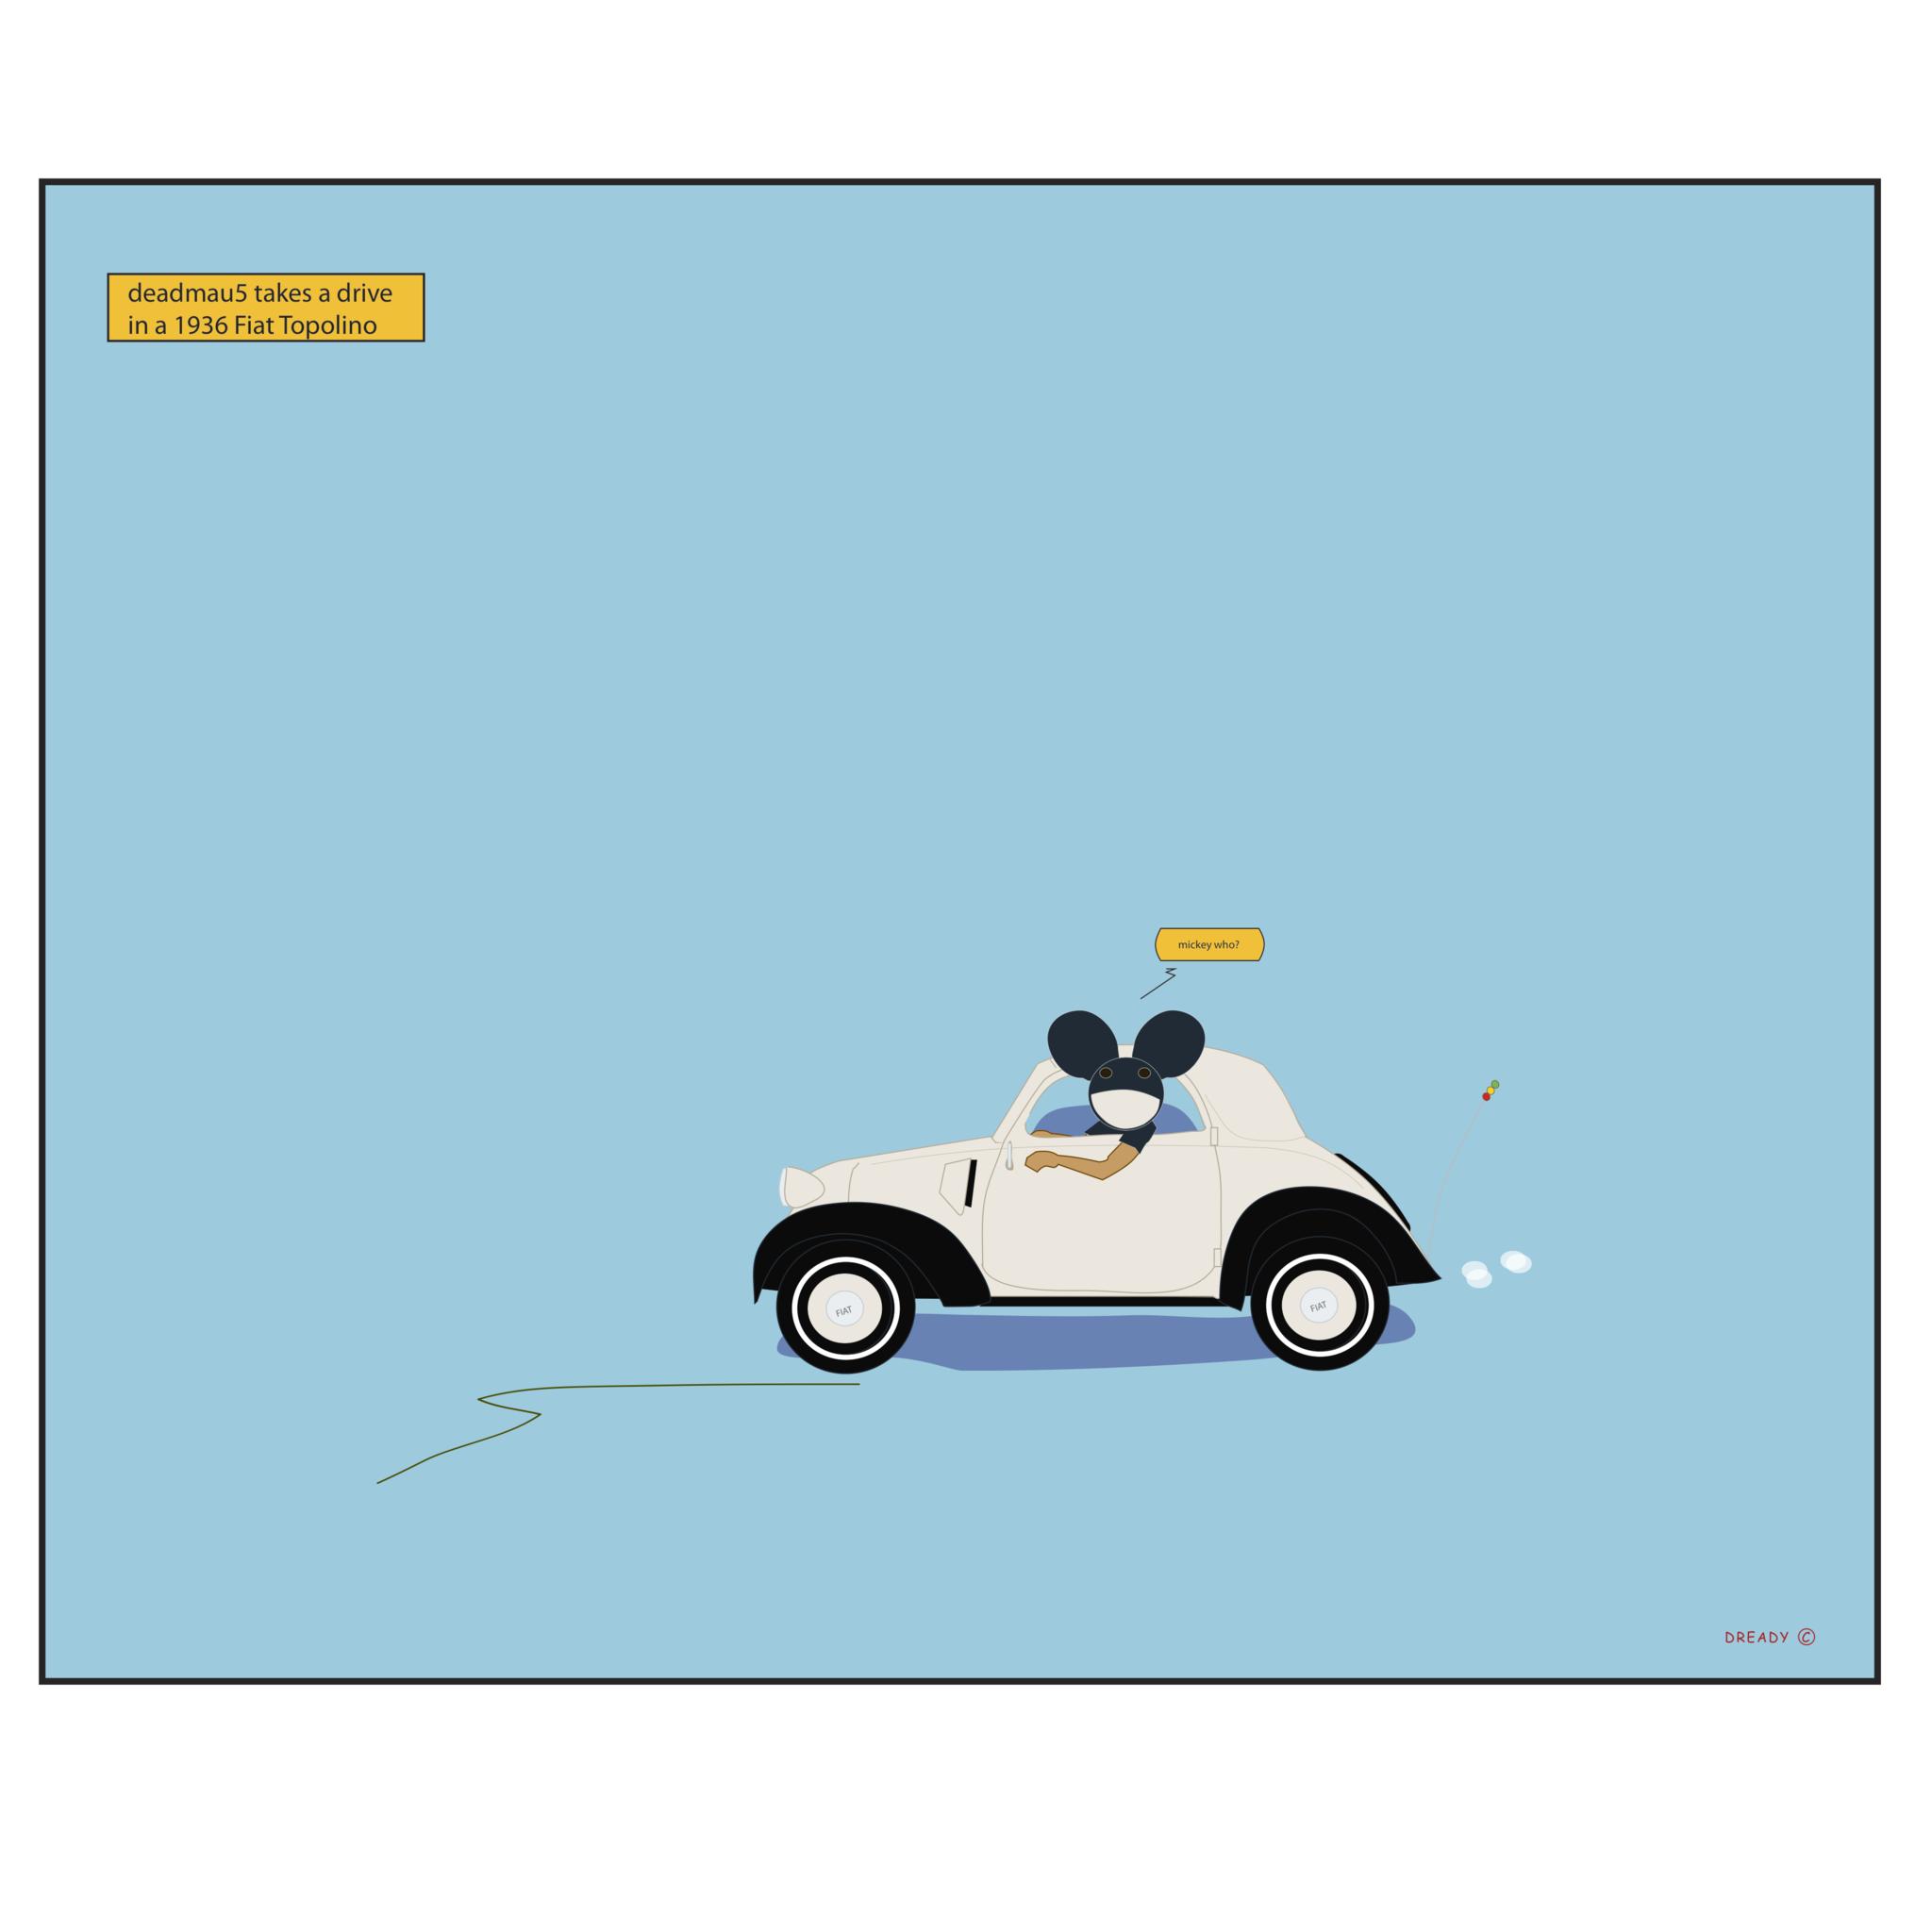 Fiat Topolino - deadmau5